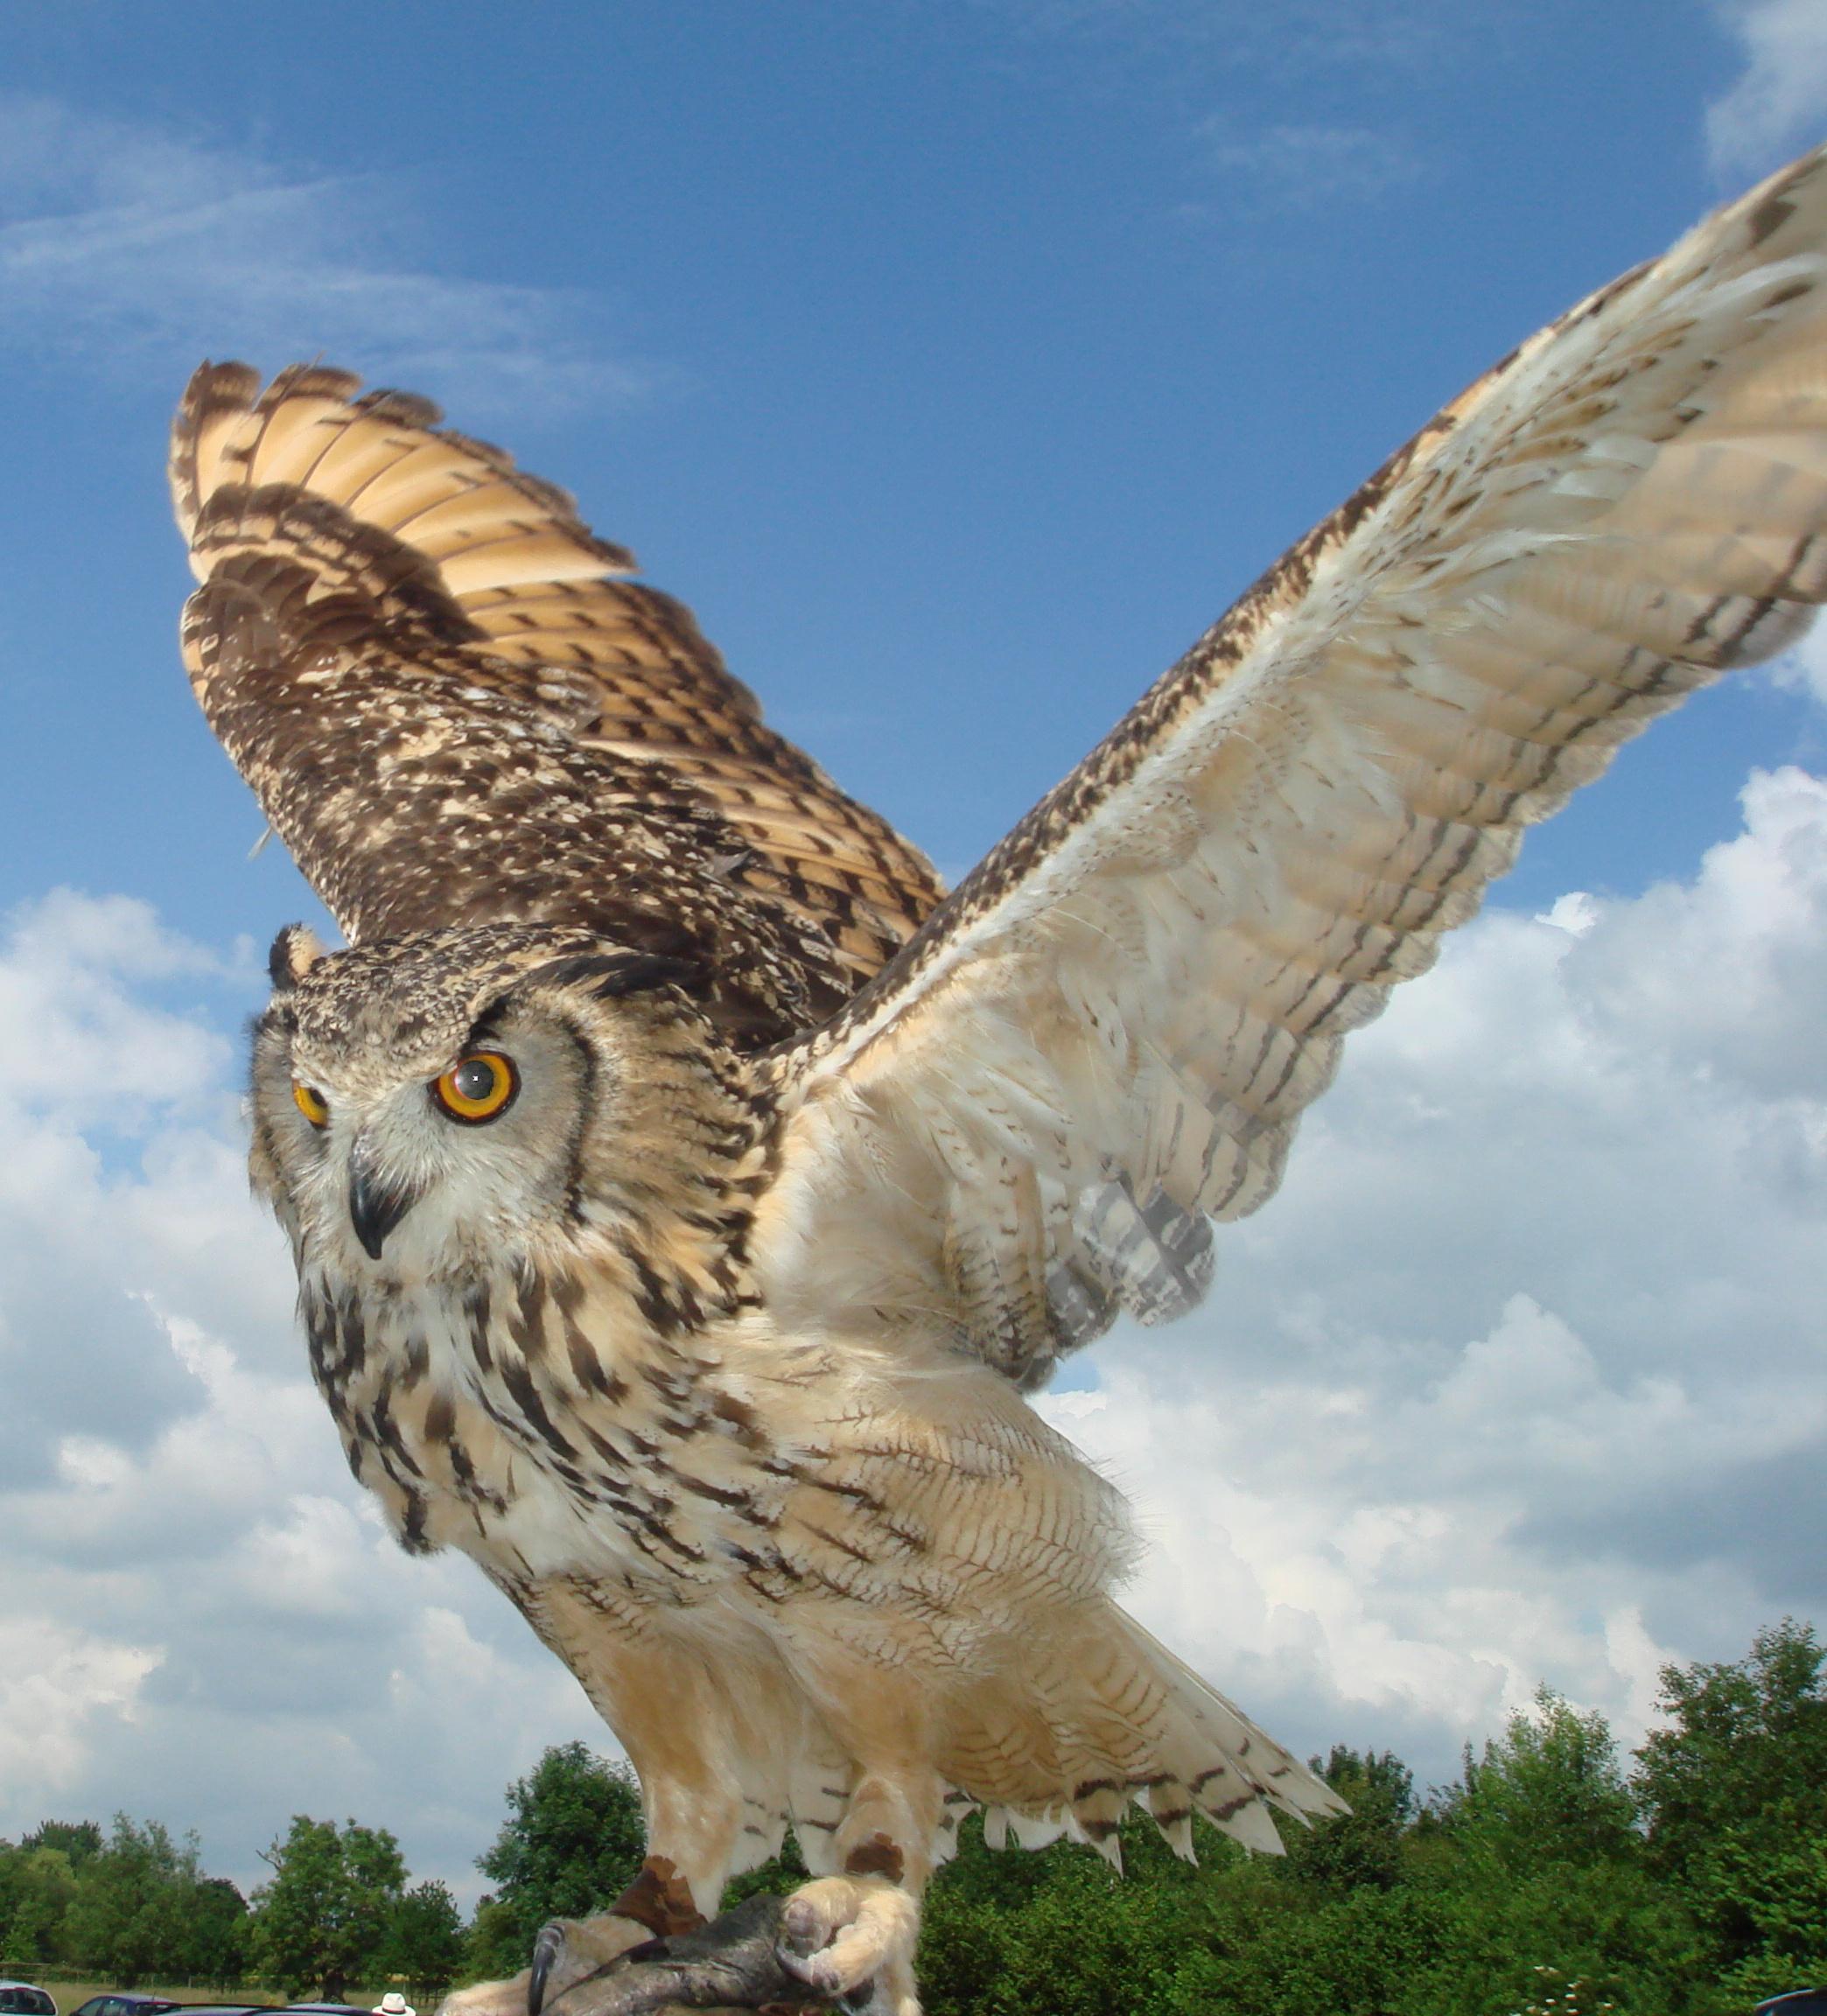 Fileindian Eagle Owl Wings Spreadjpg Wikimedia Commons